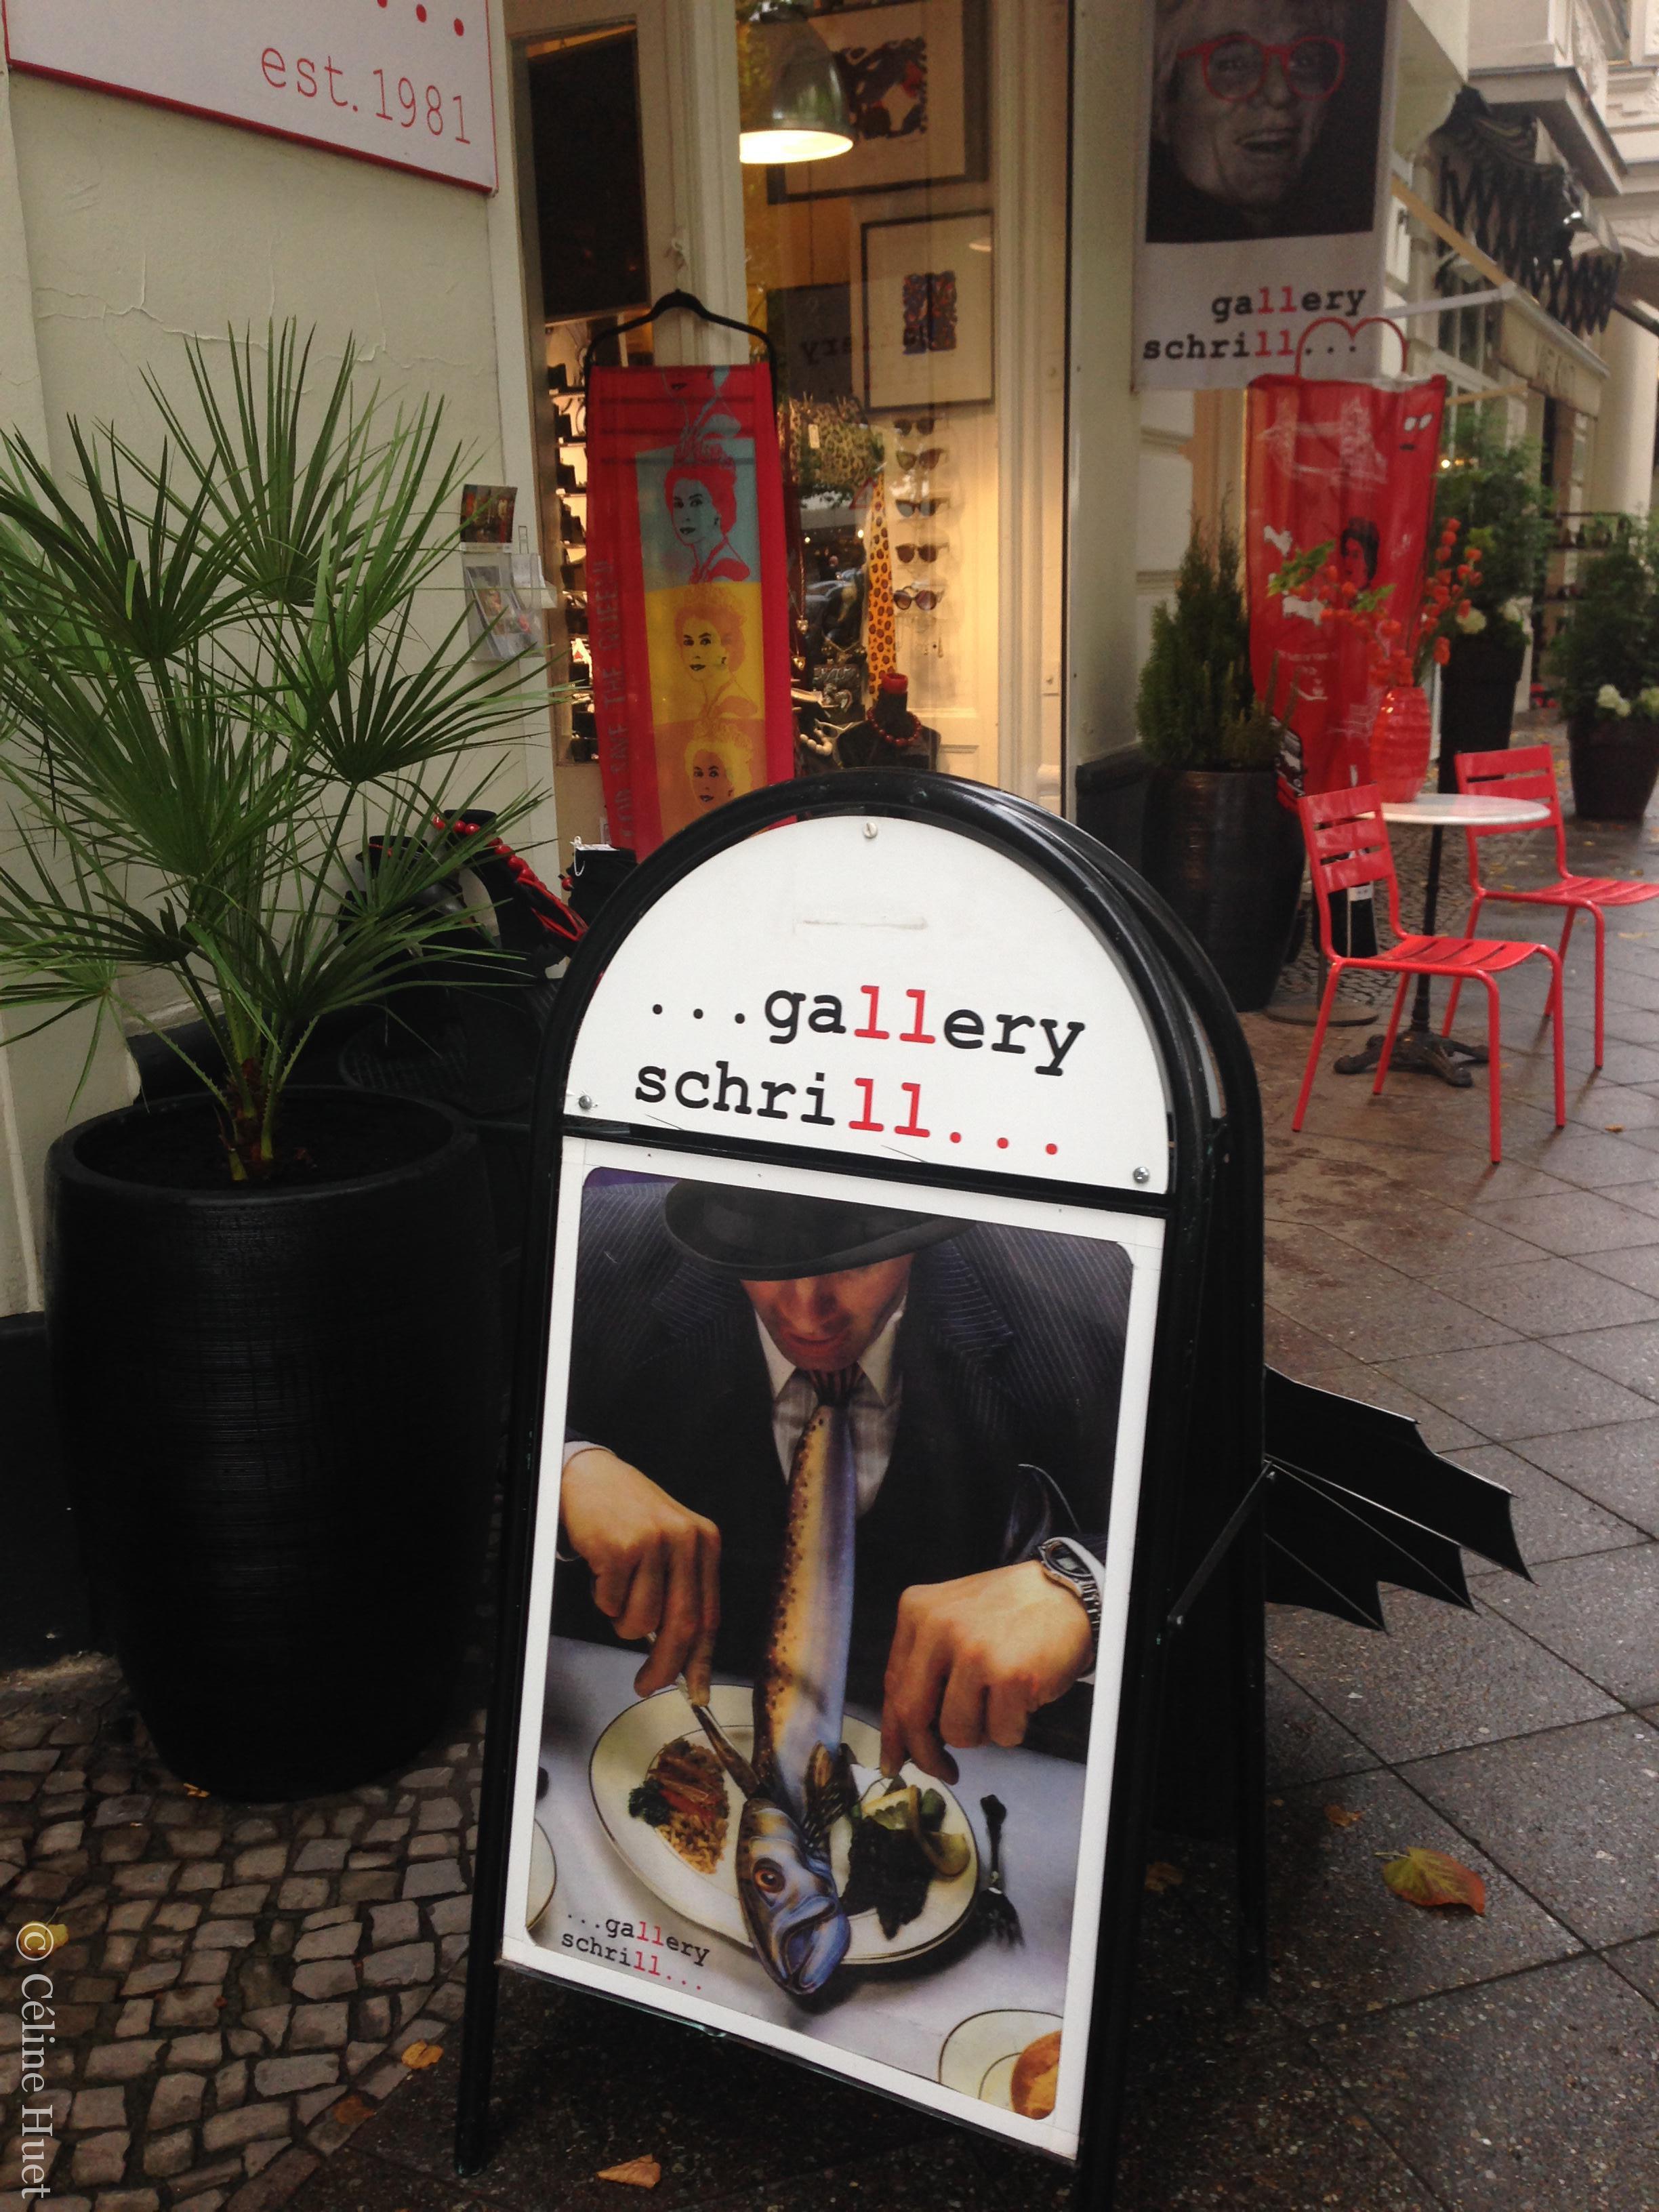 Gallery Schrill Berlin Allemagne